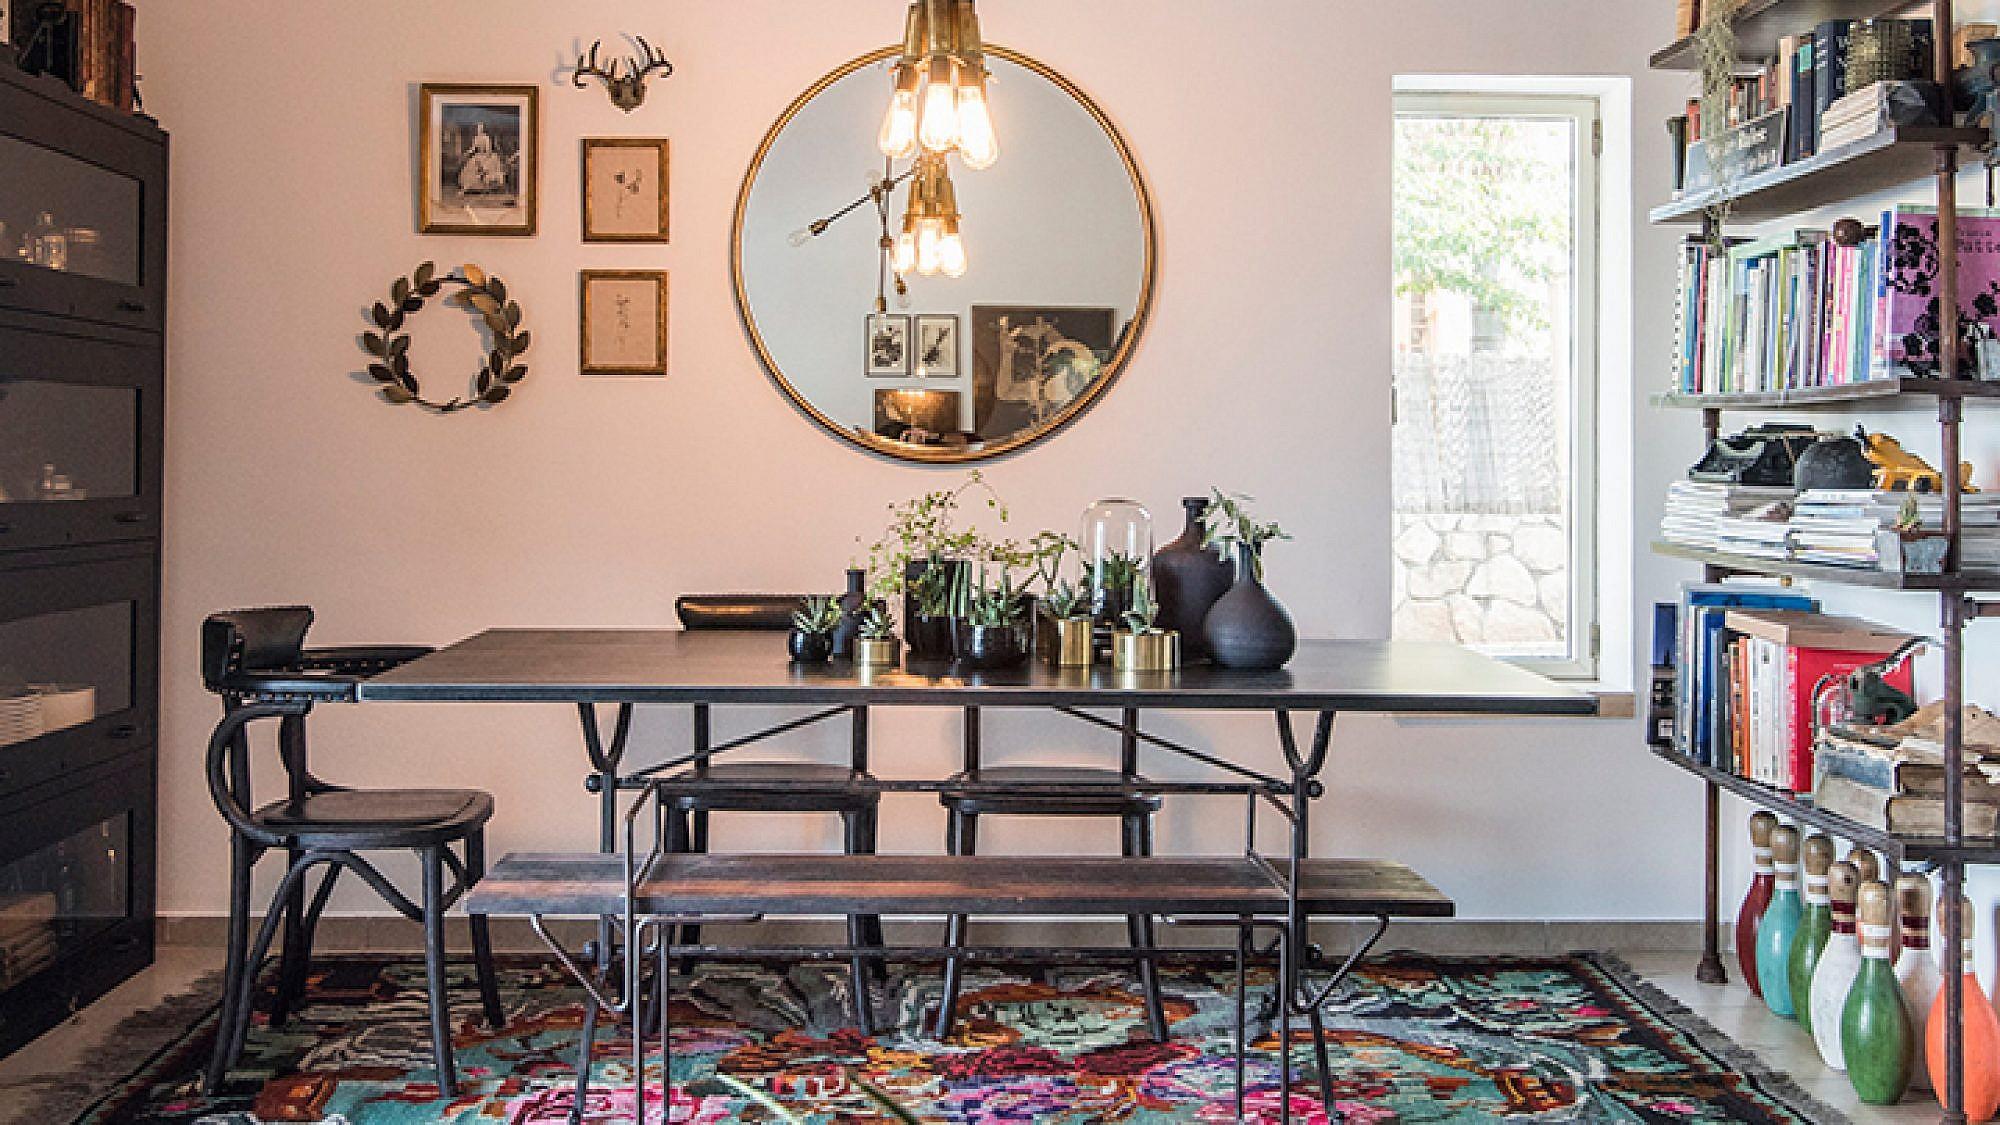 הלבשת הבית יכולה להפוך את אילוצי החלל ליתרון. למשל, בחירה ומיקום נכונים של רהיטים וגופי תאורה יטשטשו תקרה נמוכה ומשופעת   עיצוב: מירי בלבול    צילום: גלעד רדט